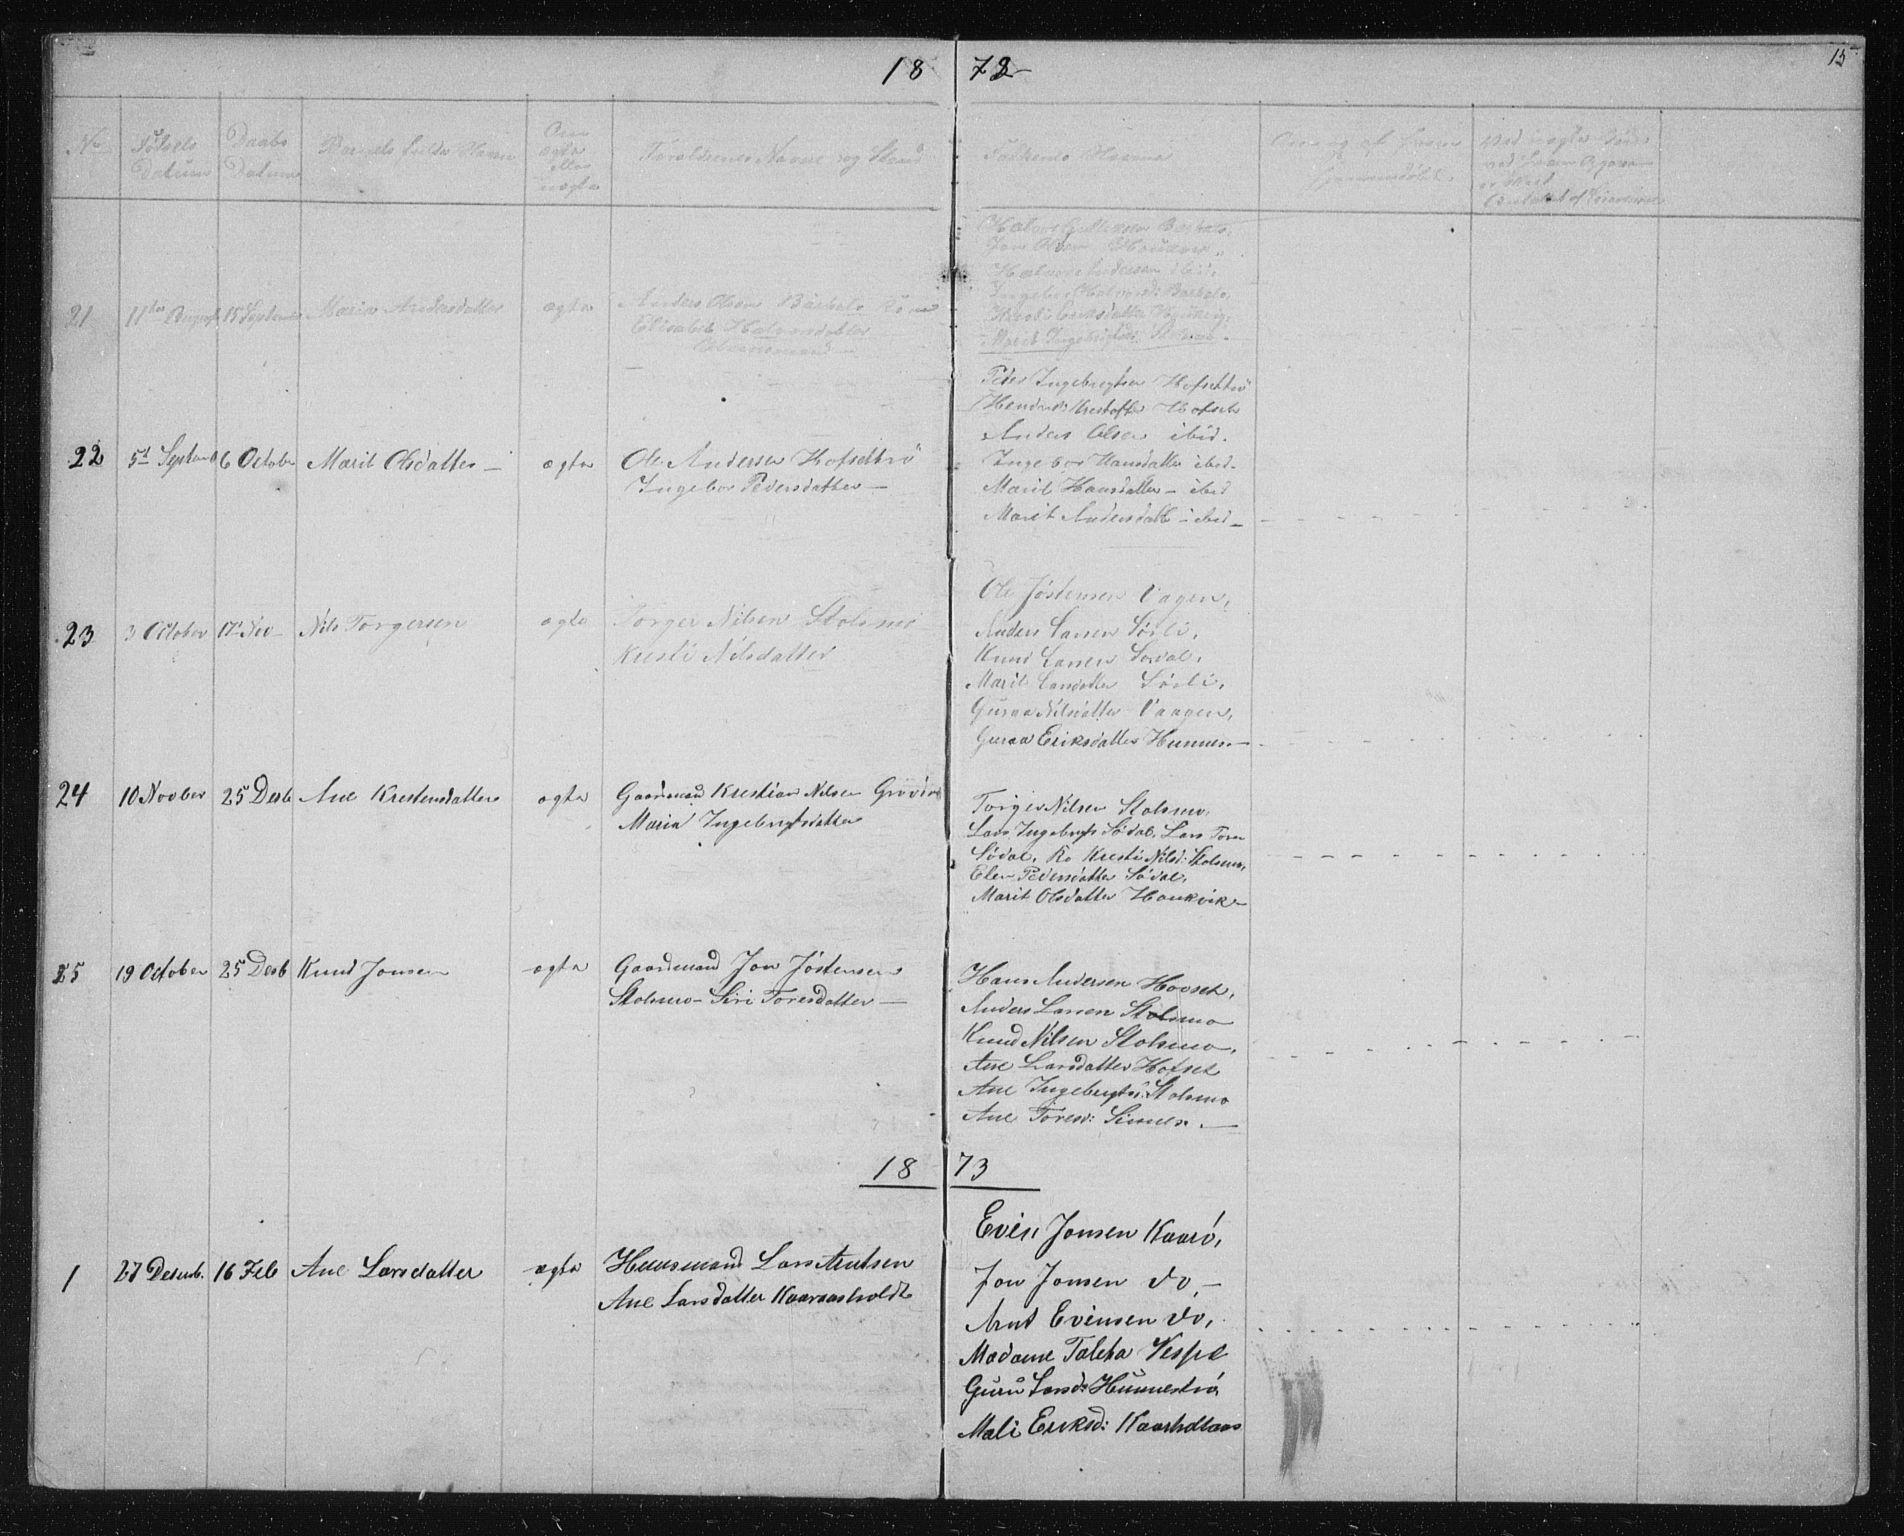 SAT, Ministerialprotokoller, klokkerbøker og fødselsregistre - Sør-Trøndelag, 631/L0513: Klokkerbok nr. 631C01, 1869-1879, s. 15